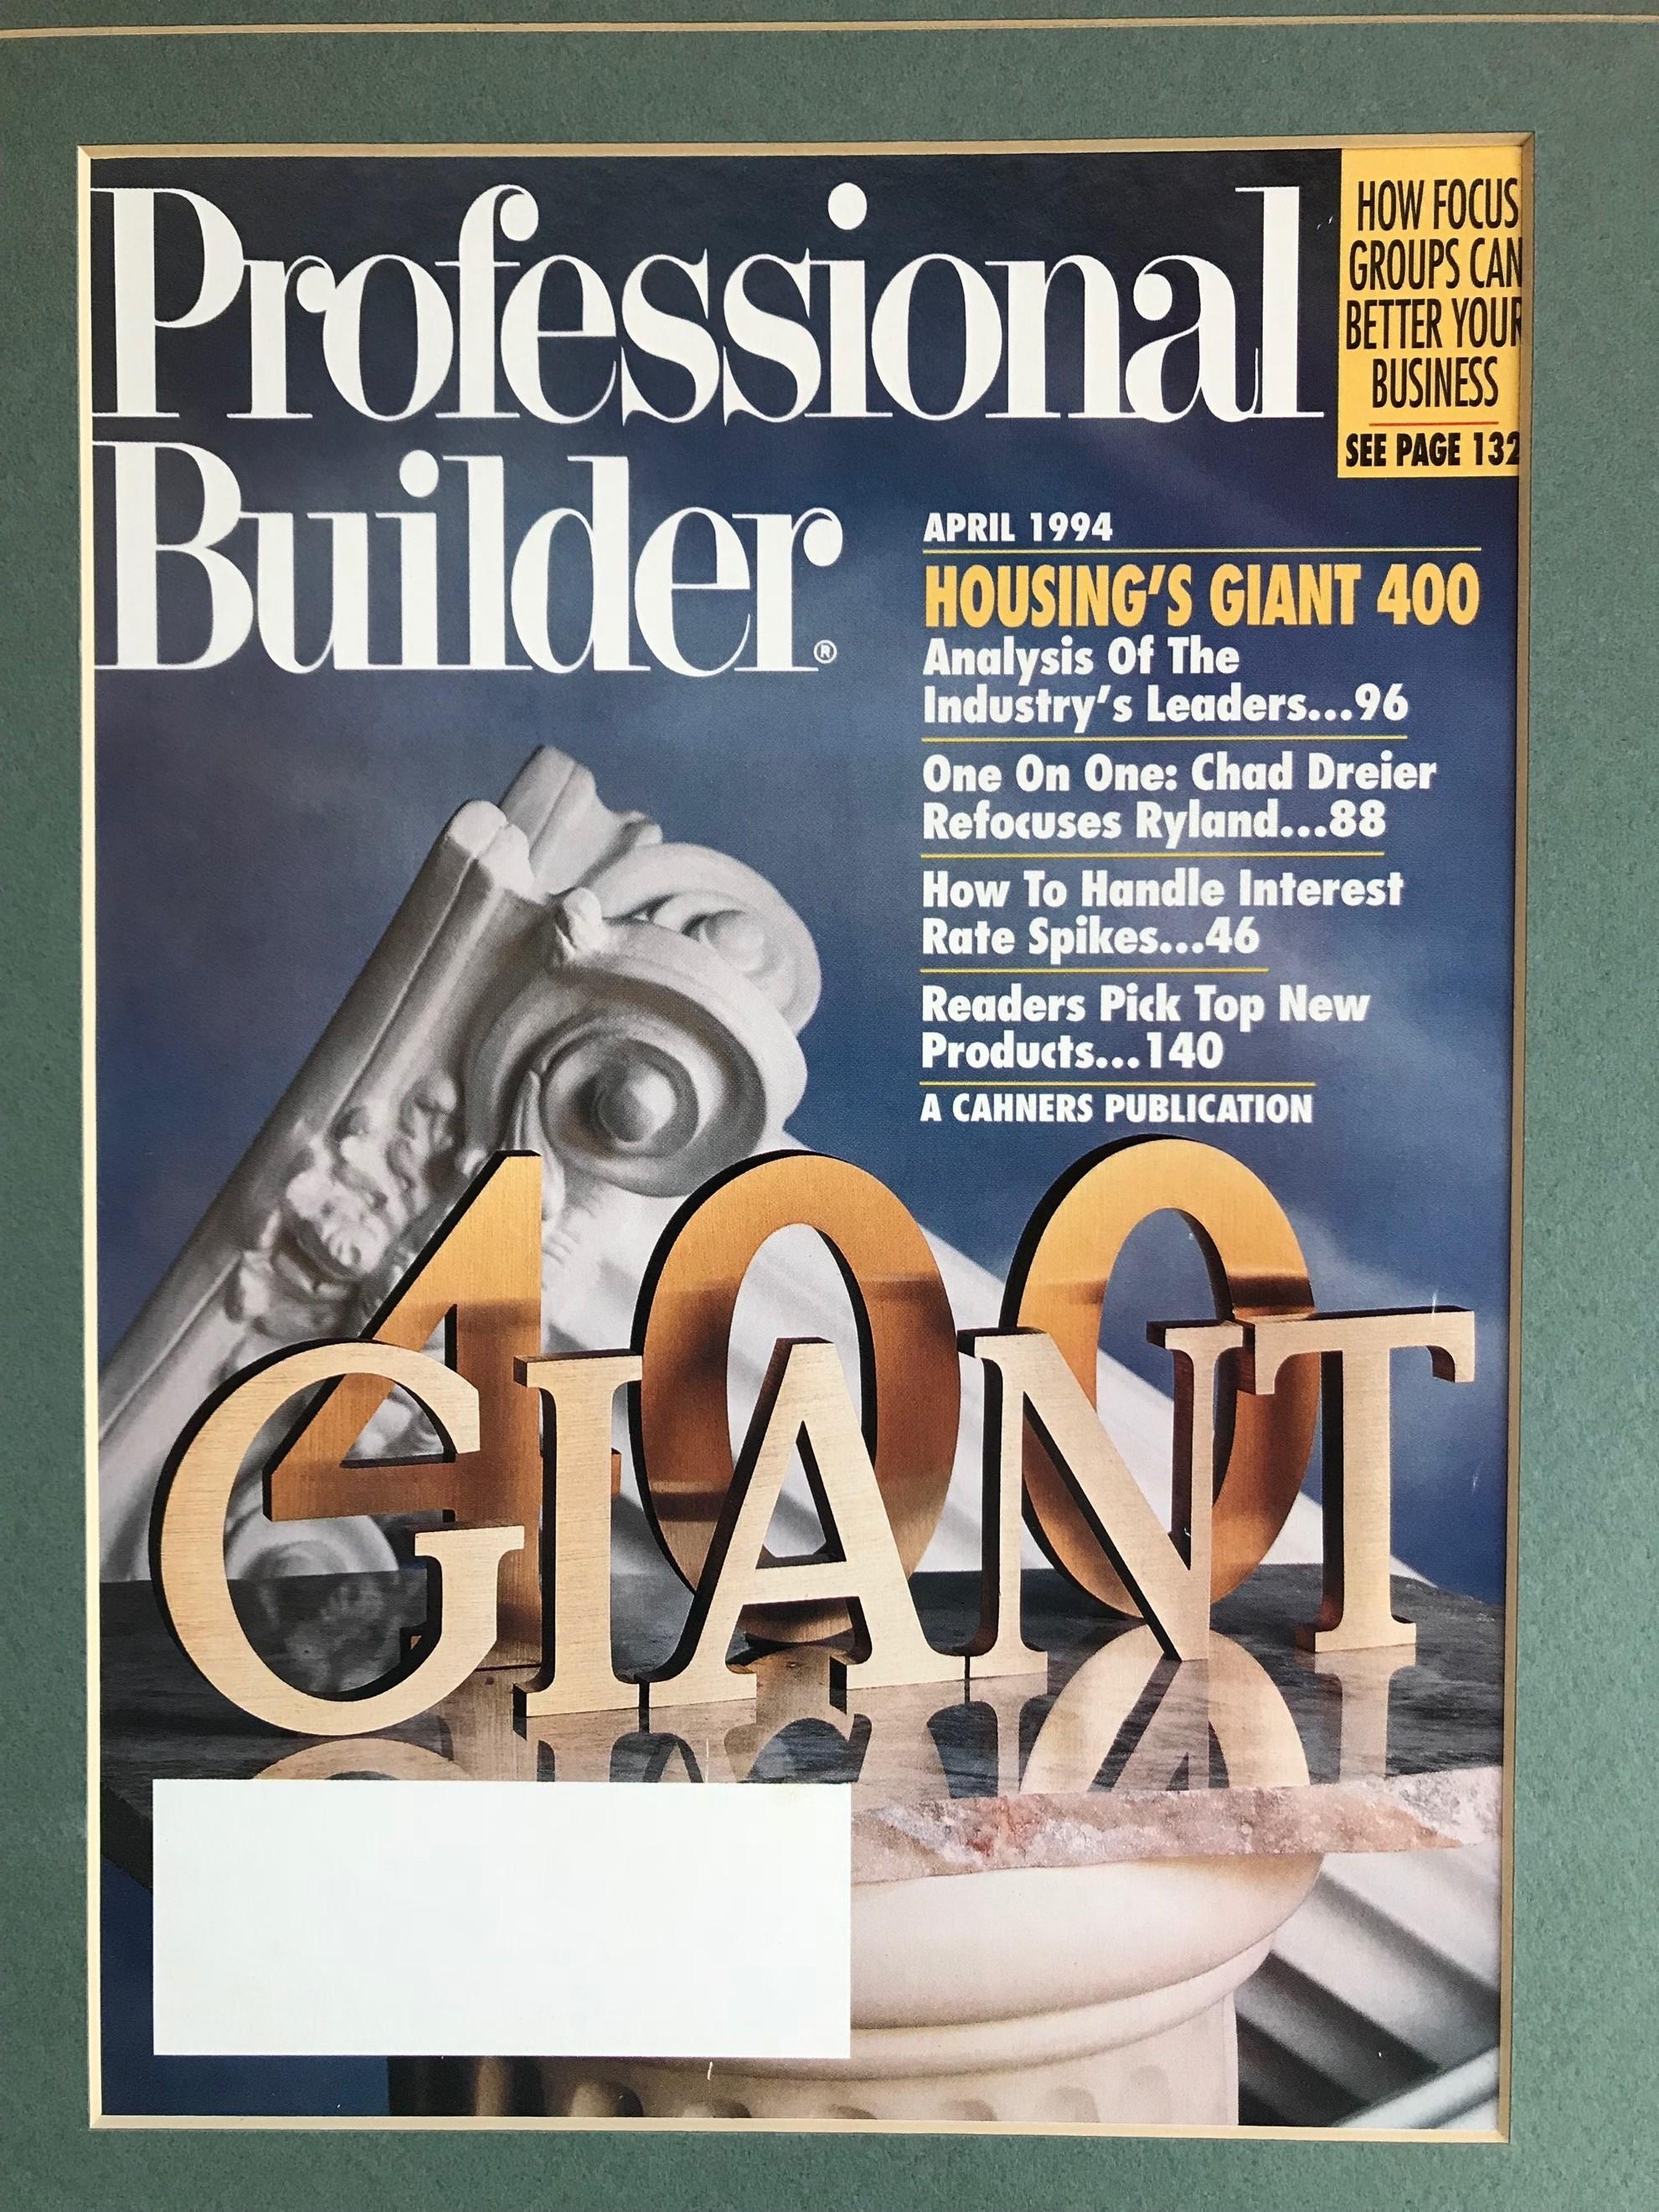 Mark-Johnson-Professional-Builder-Magazine-Houseings-Giant-400.jpg